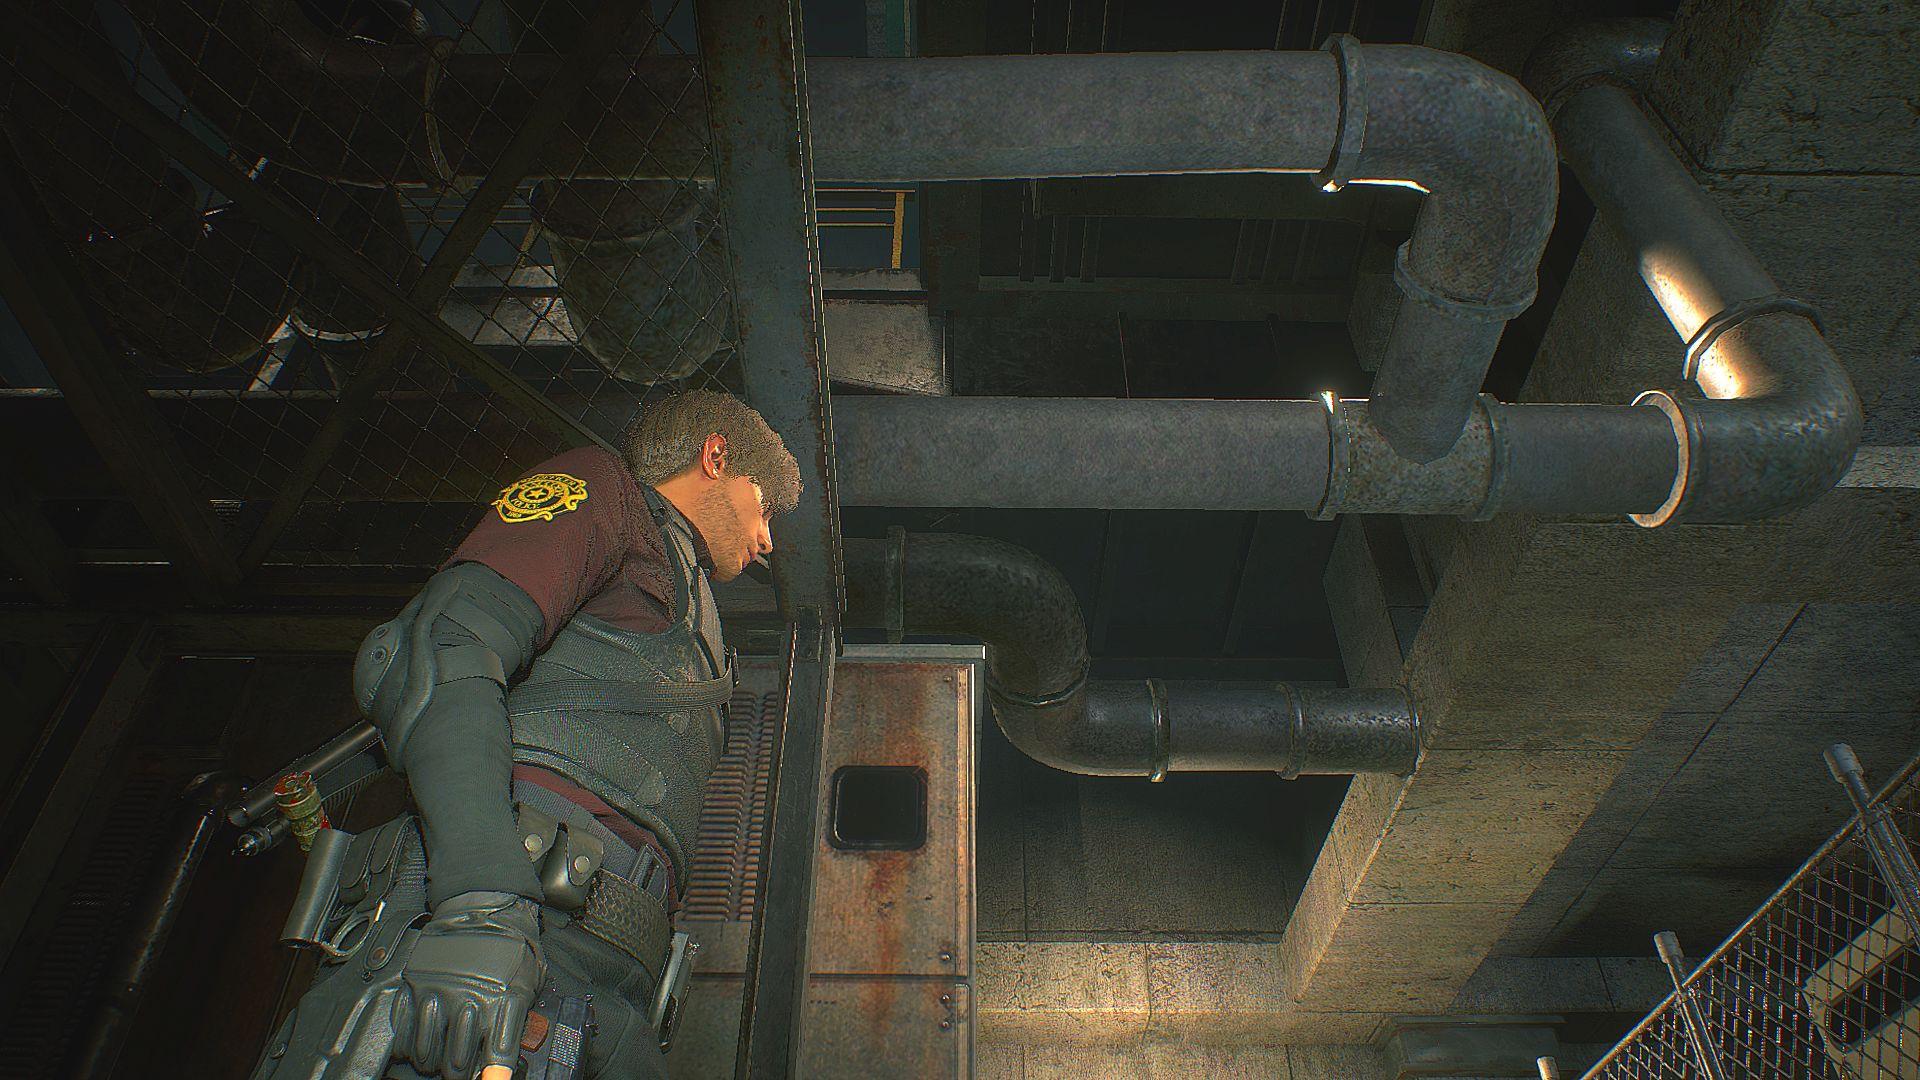 000718.Jpg - Resident Evil 2